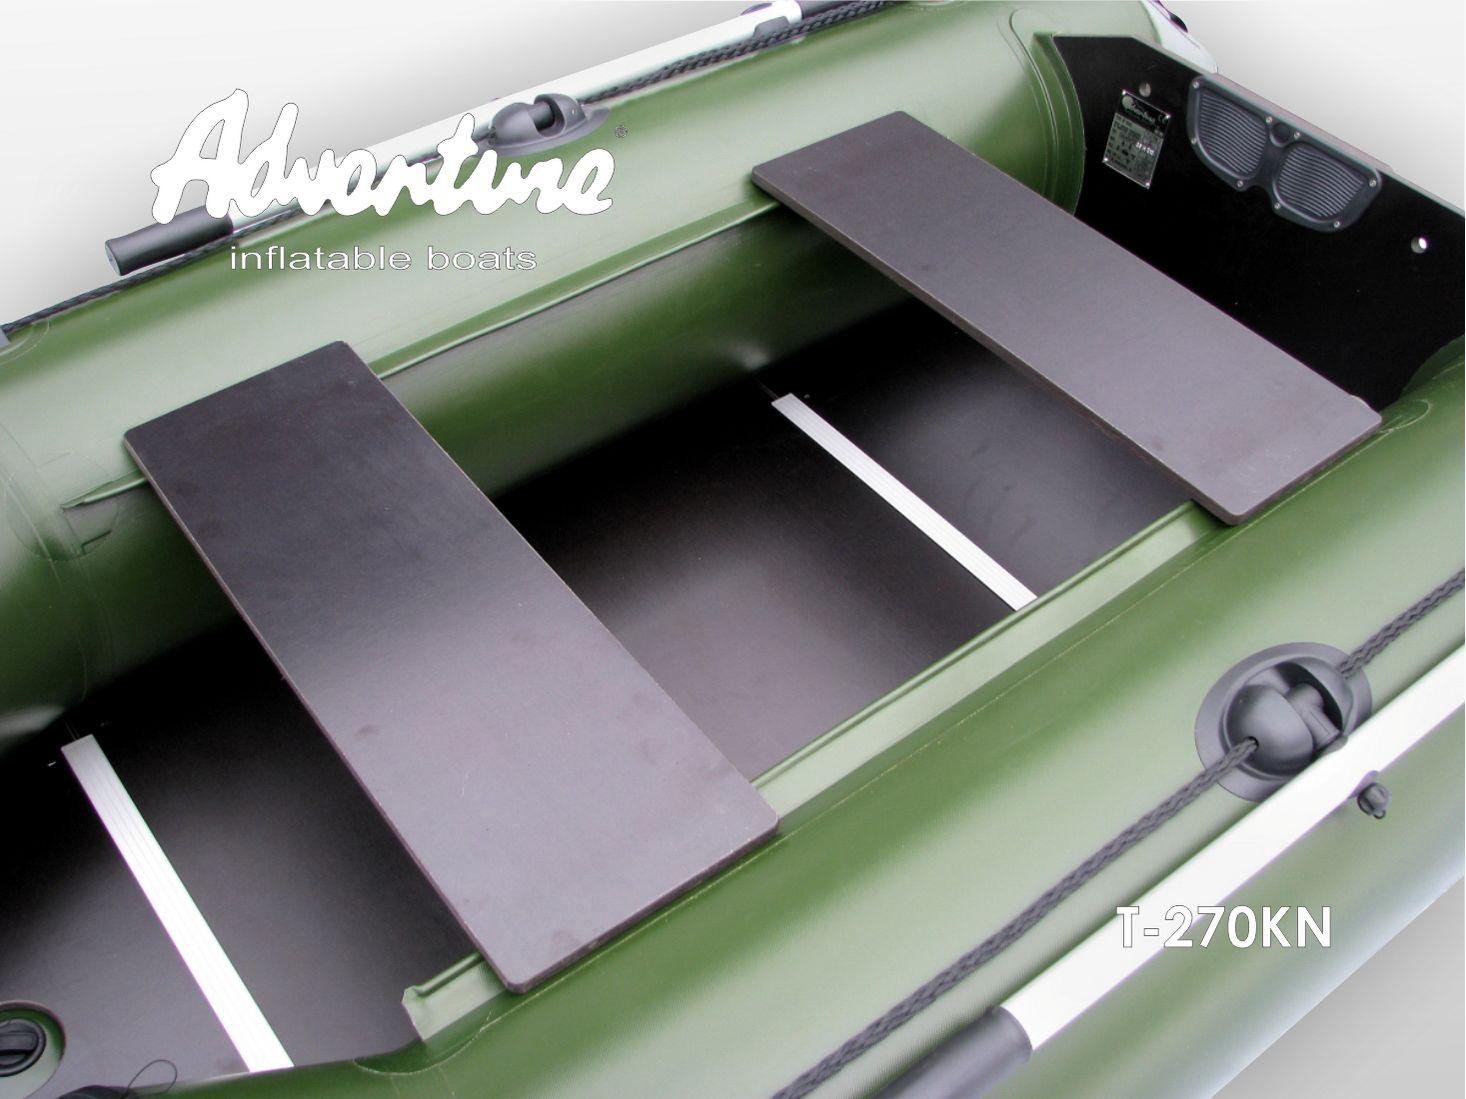 Надувная лодка Adventure T-270KN - фото 8